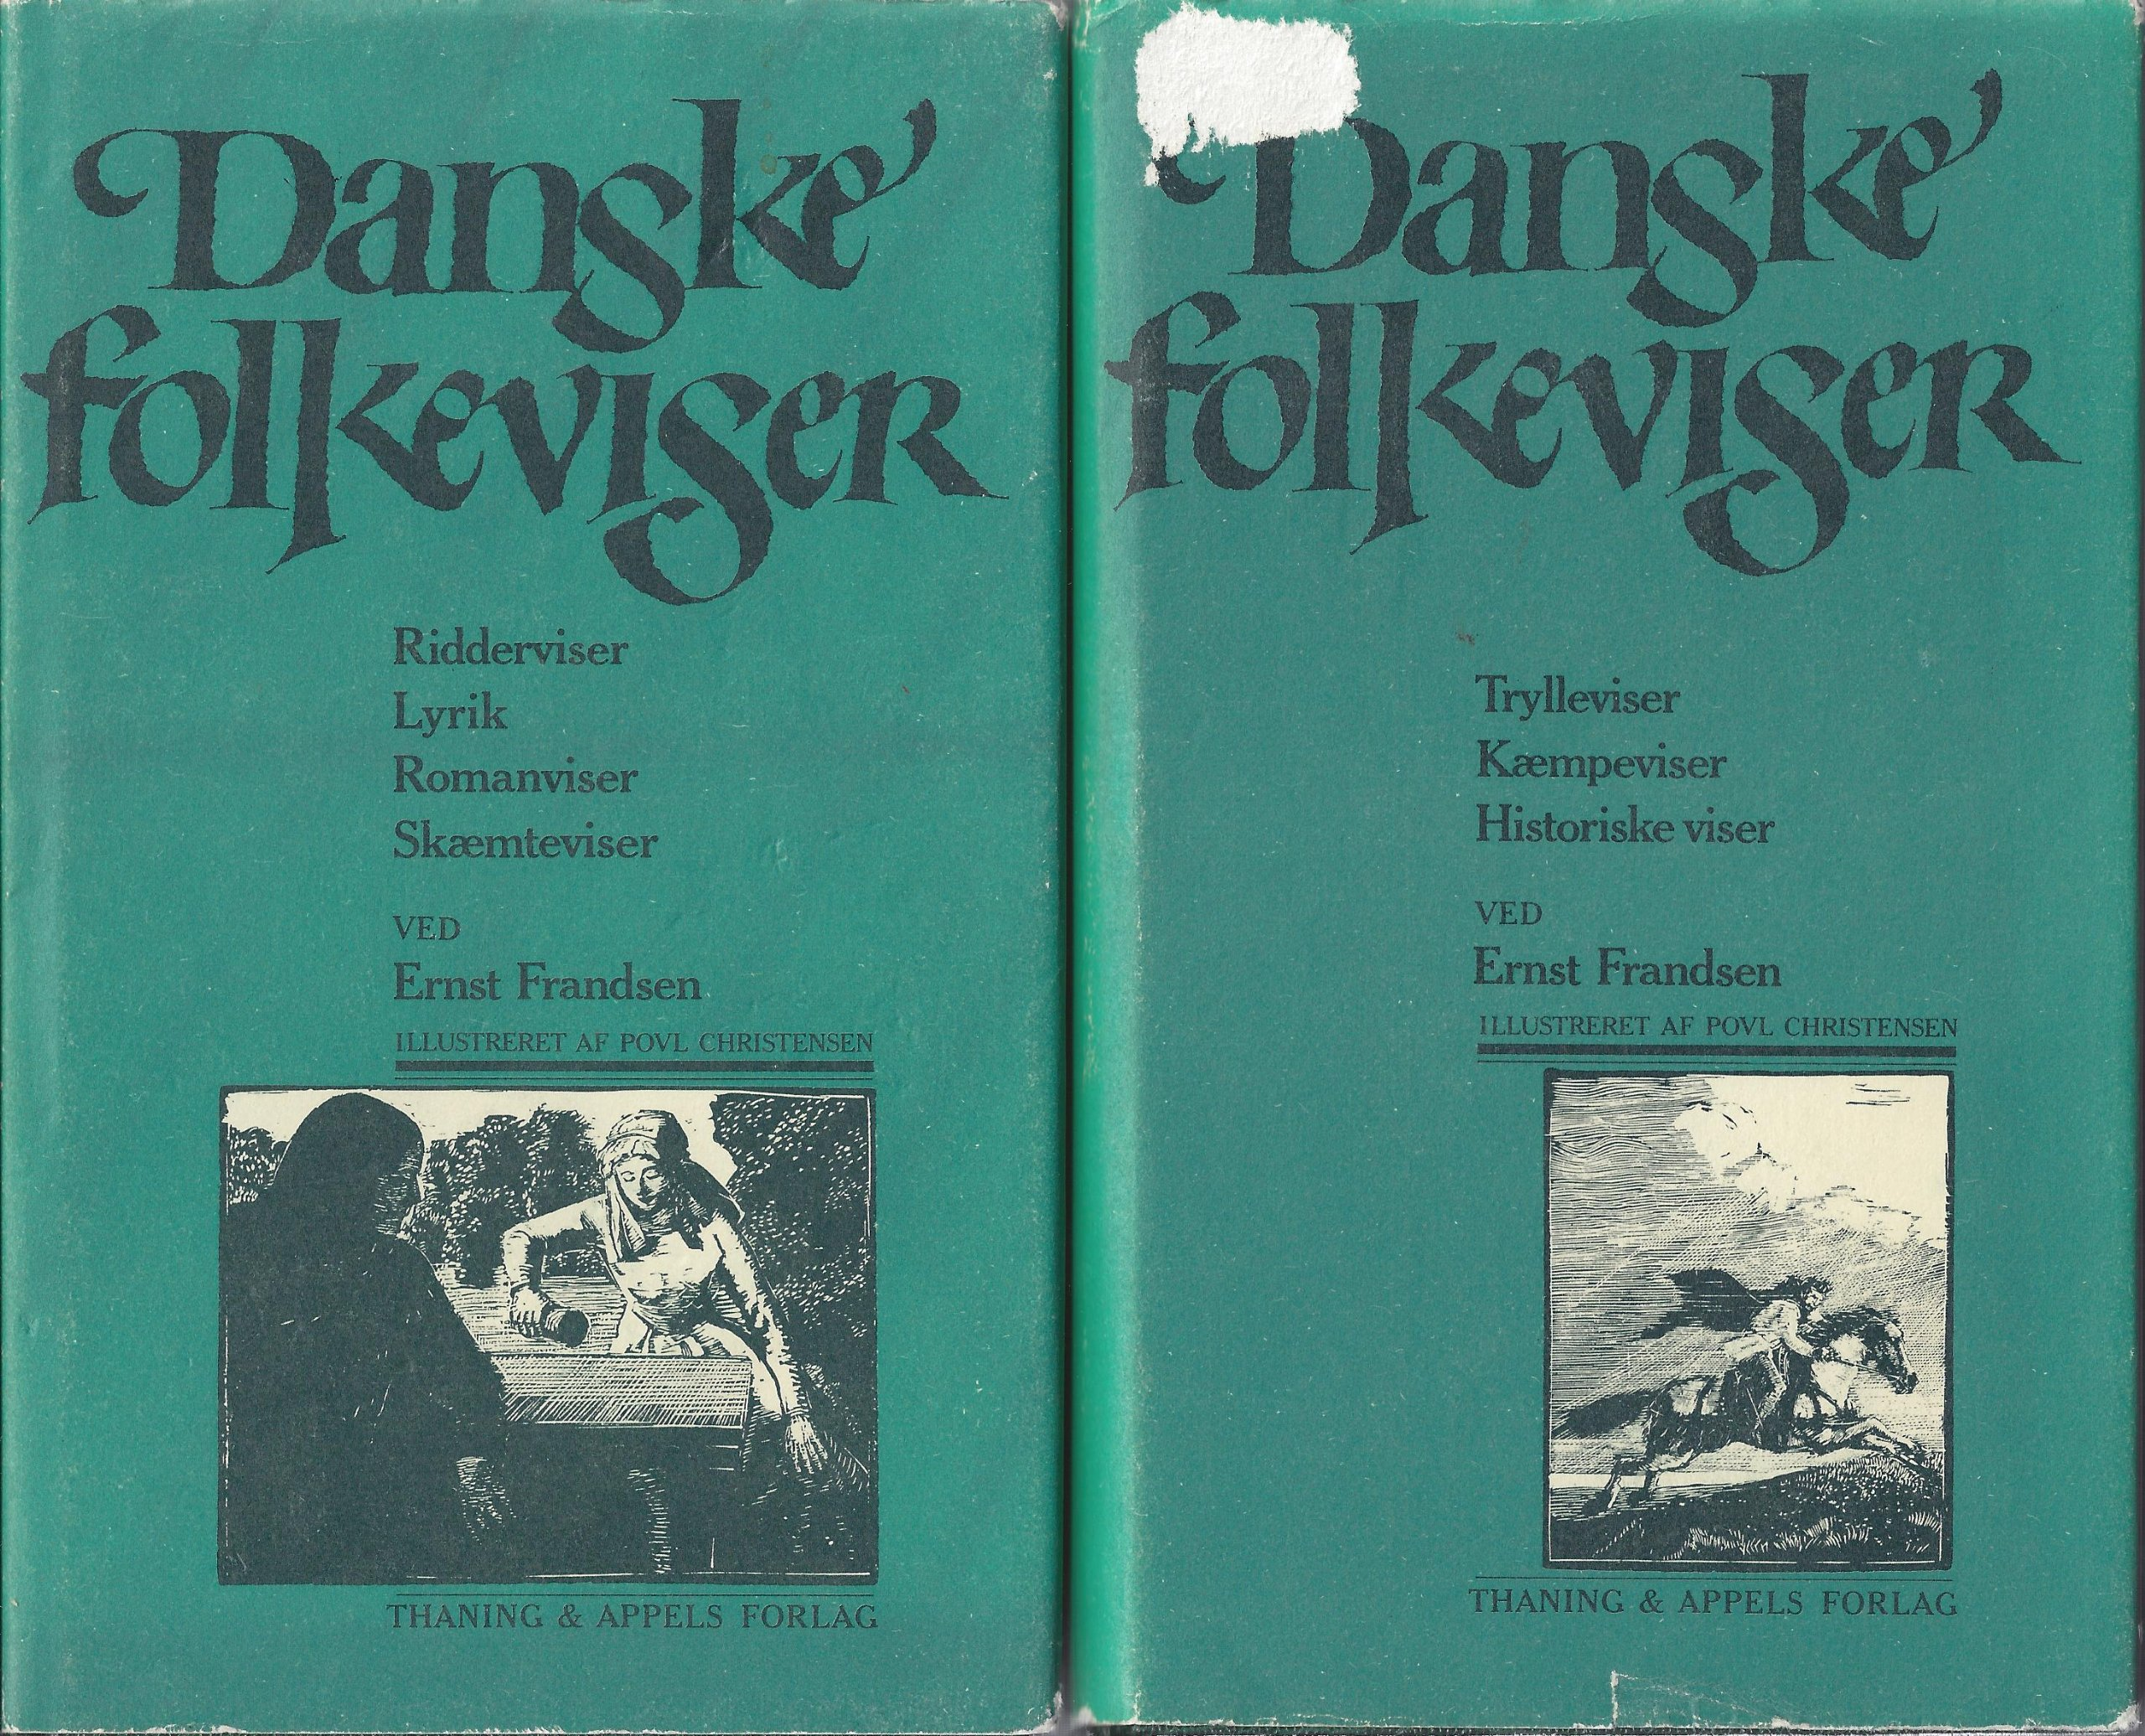 danske folkeviser